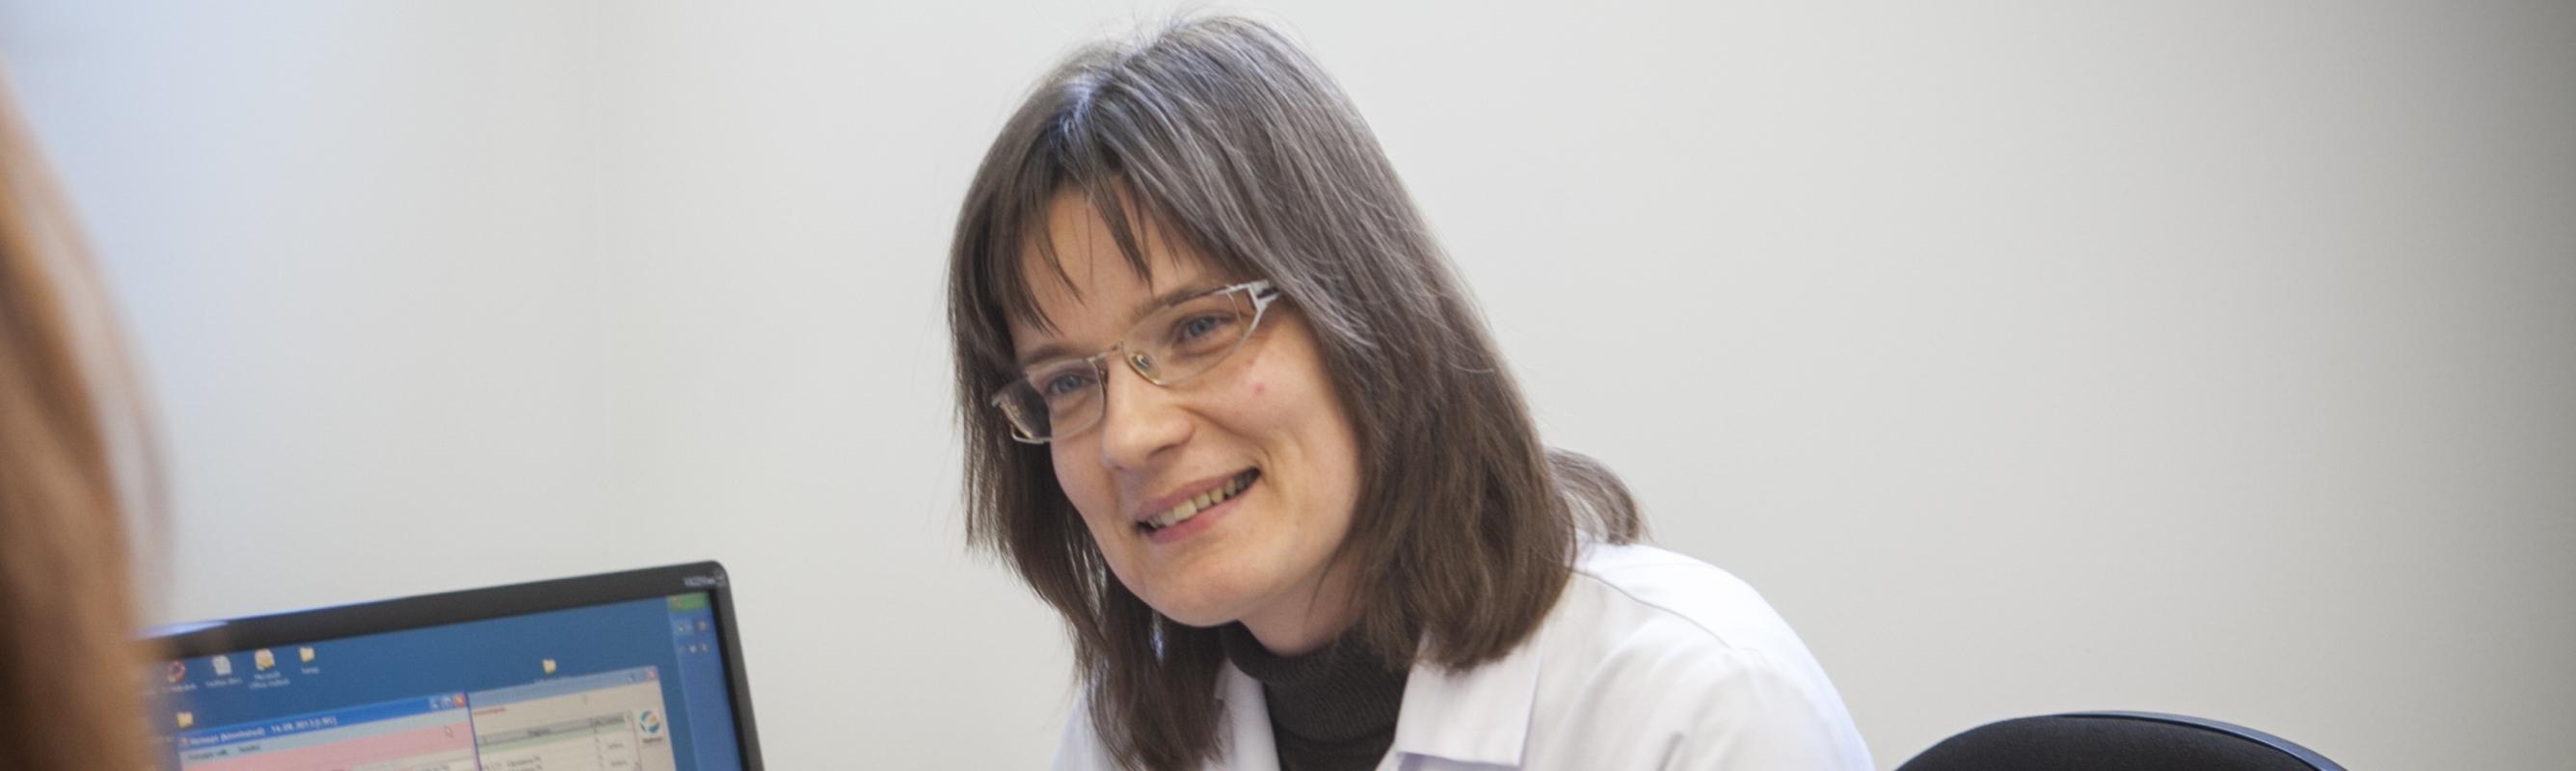 Dr Mare Kolk polikliiniku vastuvõtul